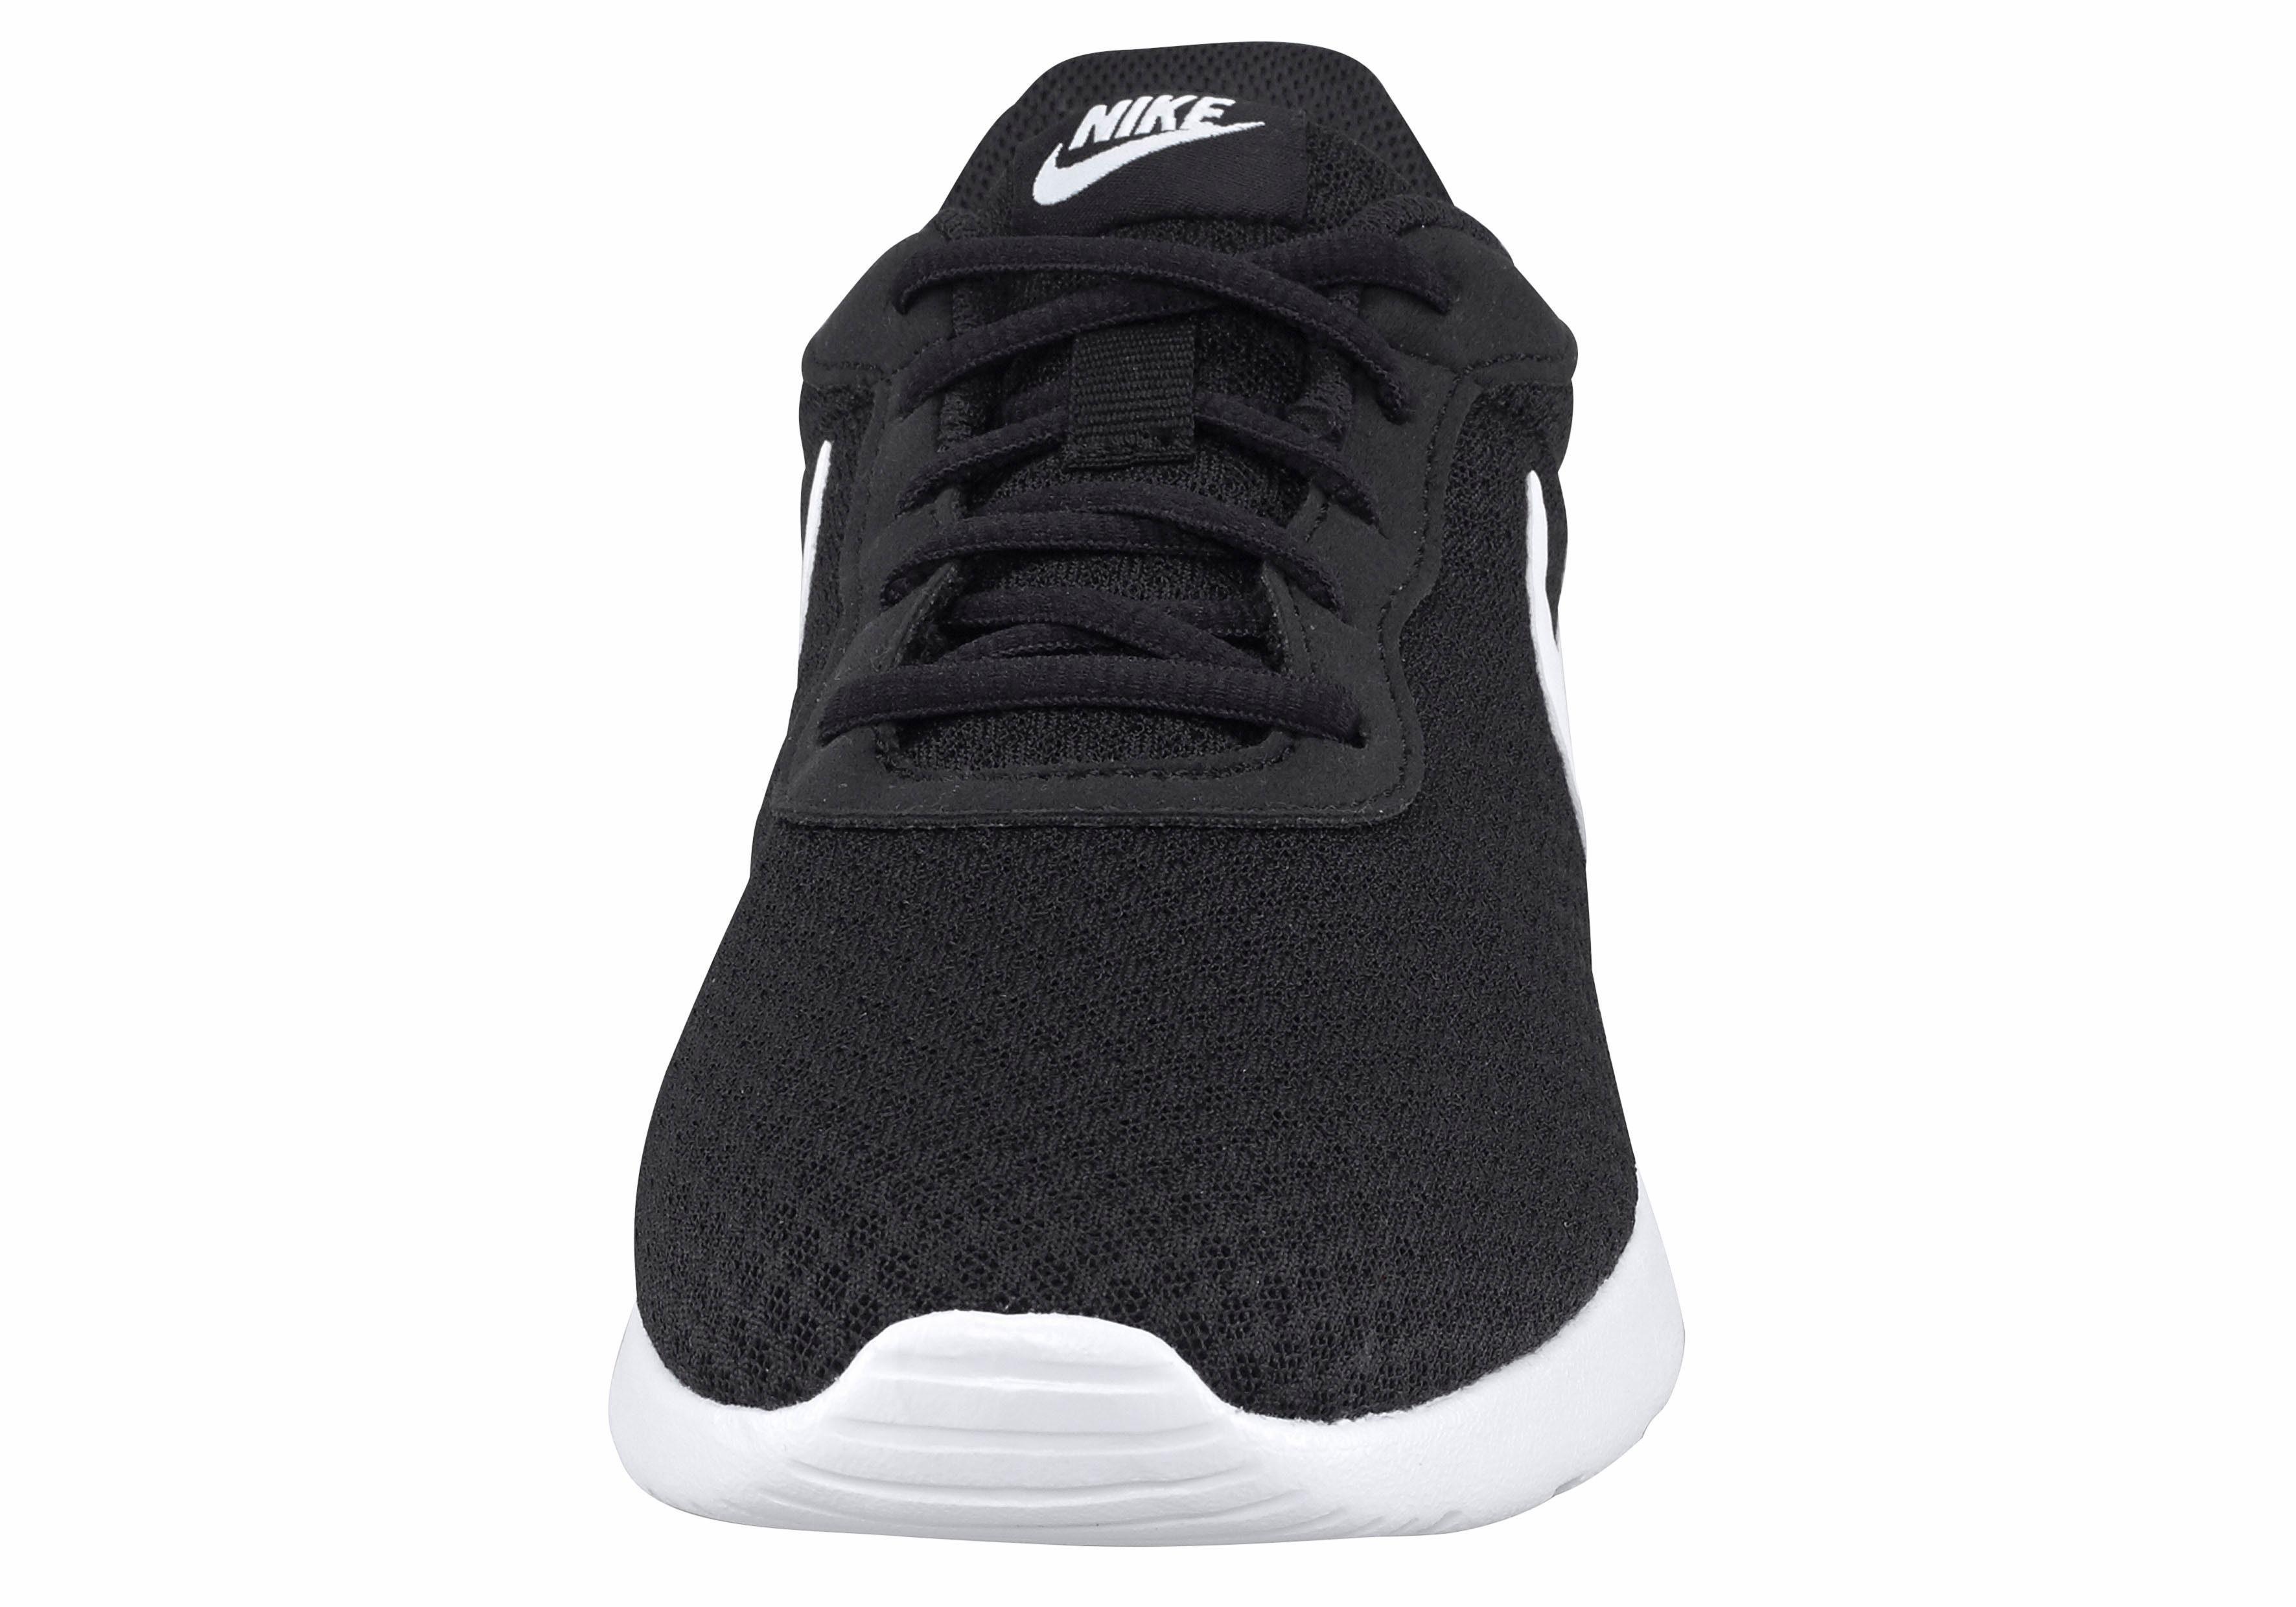 Textil Obermaterial Online SneakerStabiles »tanjun Nike Wmns« Sportswear Kaufen xBCtrshdQo